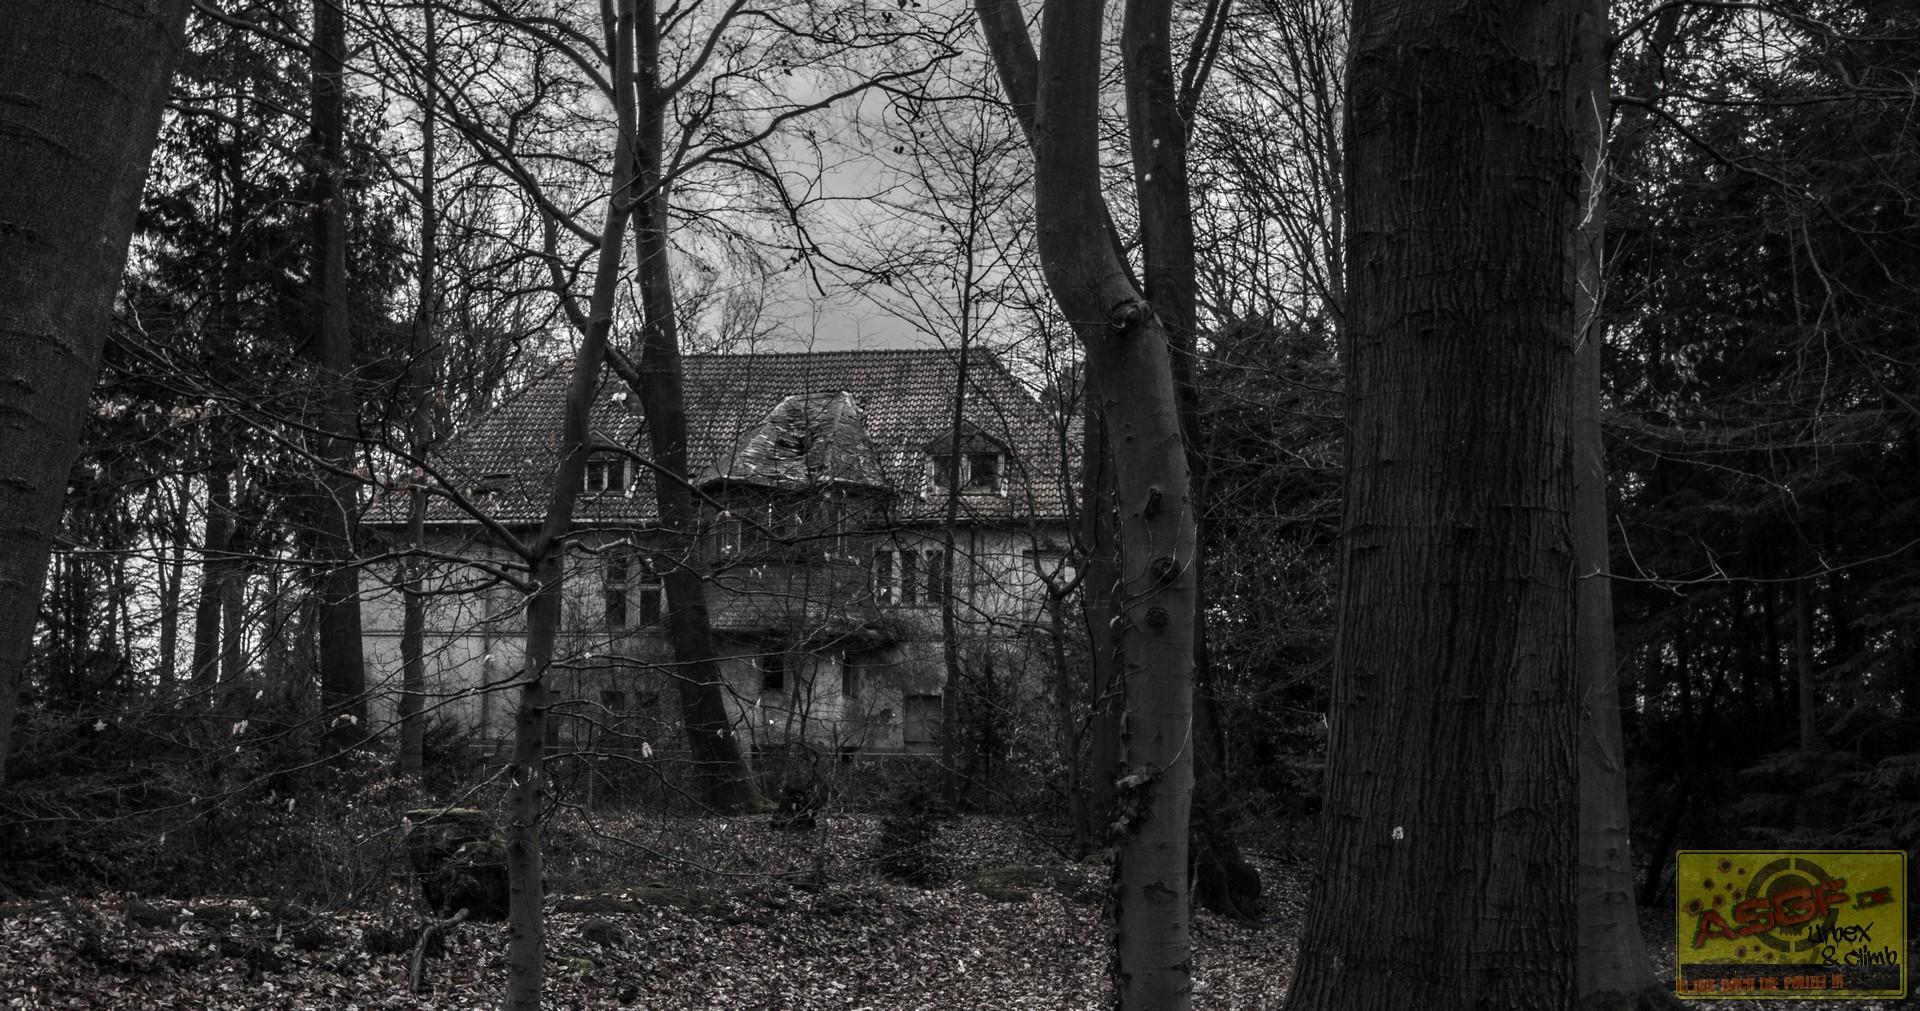 Pflegehaus-030319_20